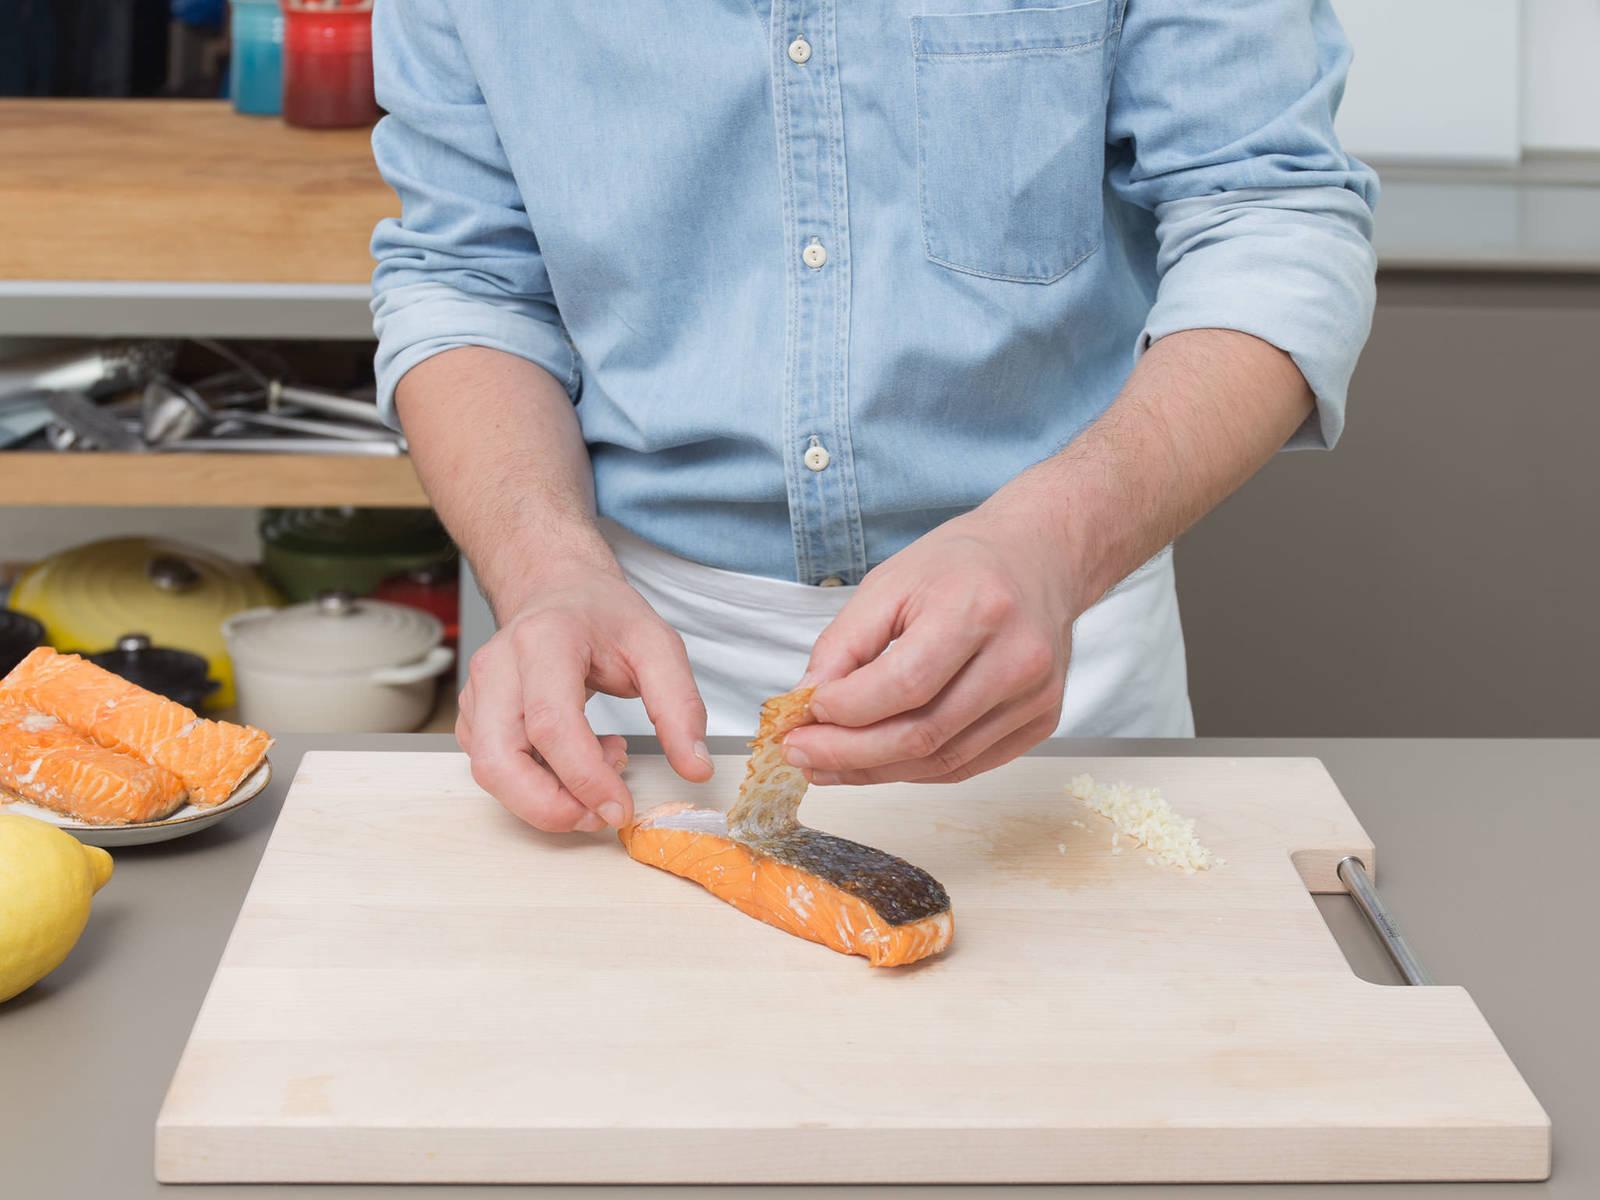 蒜削皮并剁碎。清洗菠菜,甩干,然后大略剁碎。三文鱼切皮,然后切成小块。